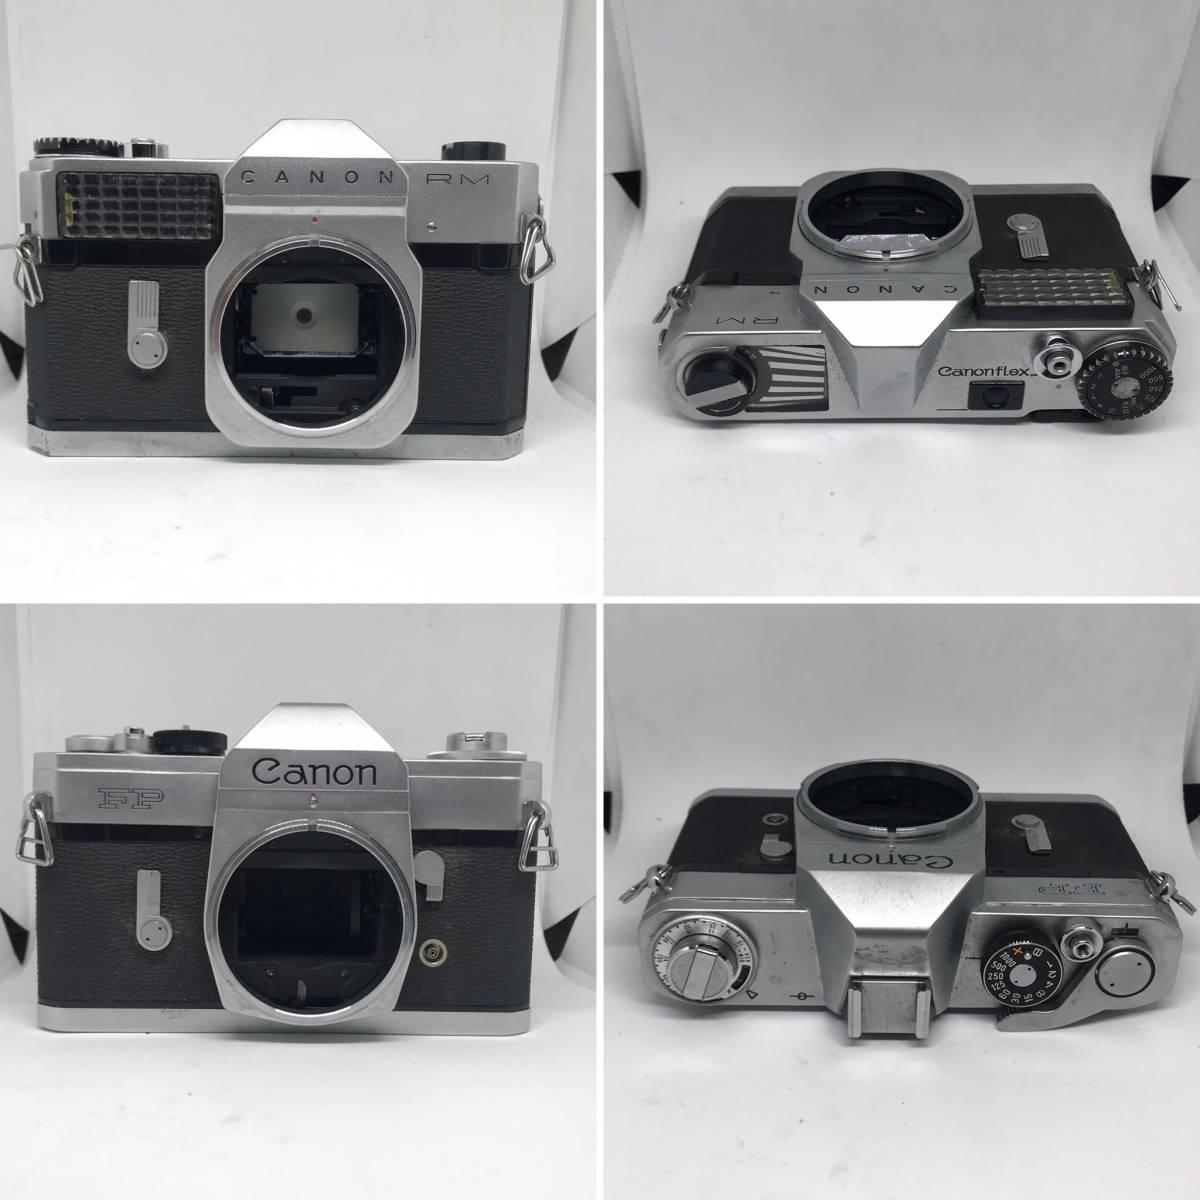 【1円スタート】キヤノン AE-1 PROGRAM、A-1、FTb、QL17 G-Ⅲ、demi EE17 他【カメラまとめて14点】_画像6